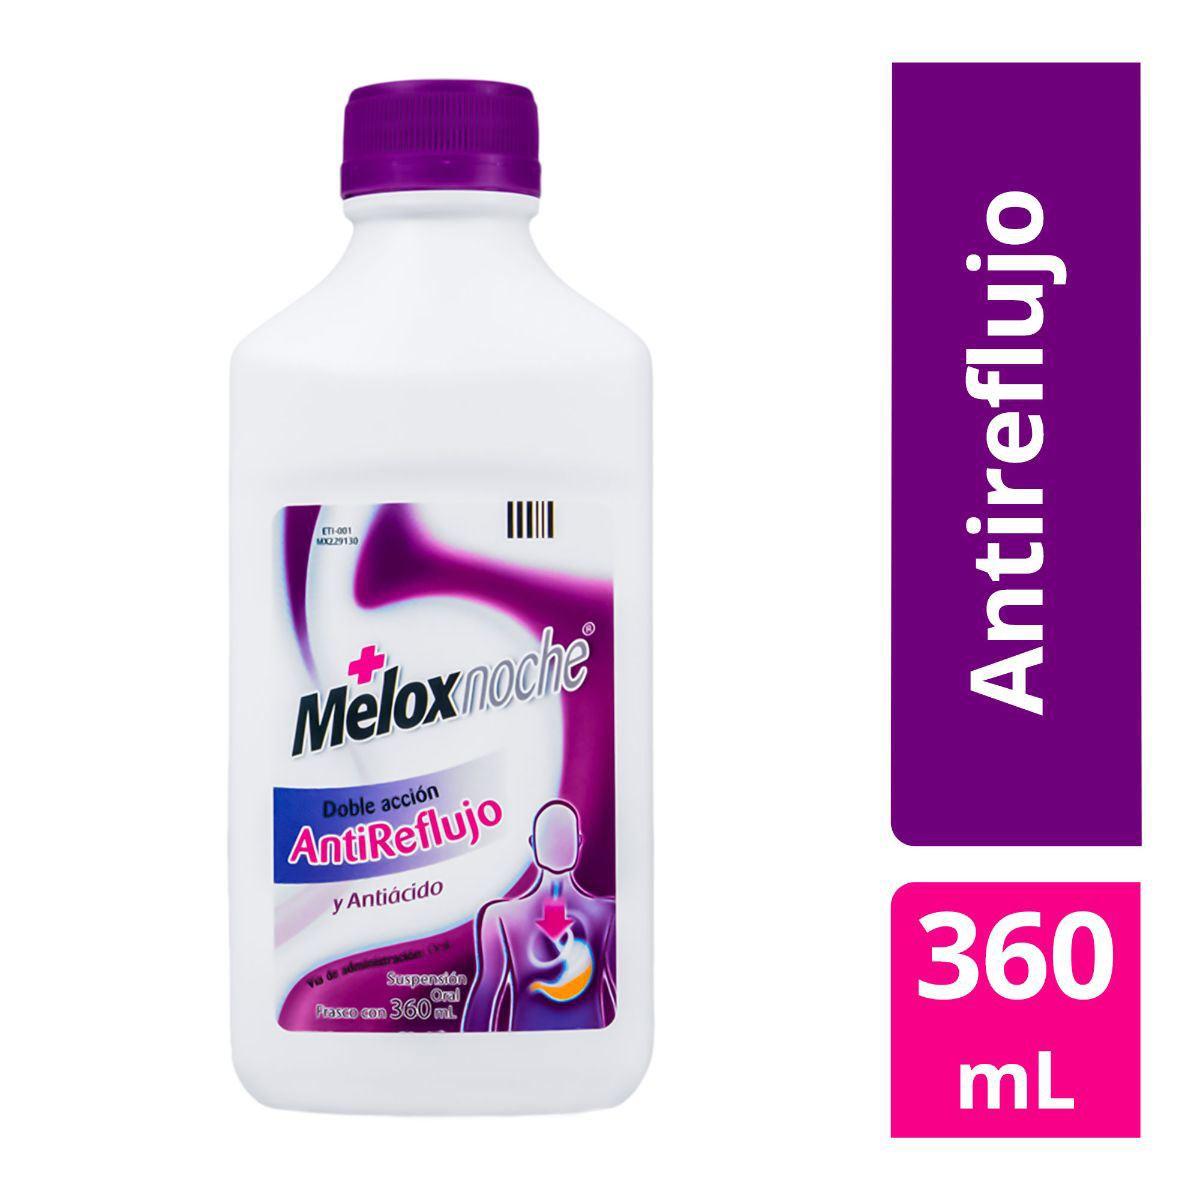 Melox noche suspensión 360 ml  - Sanborns